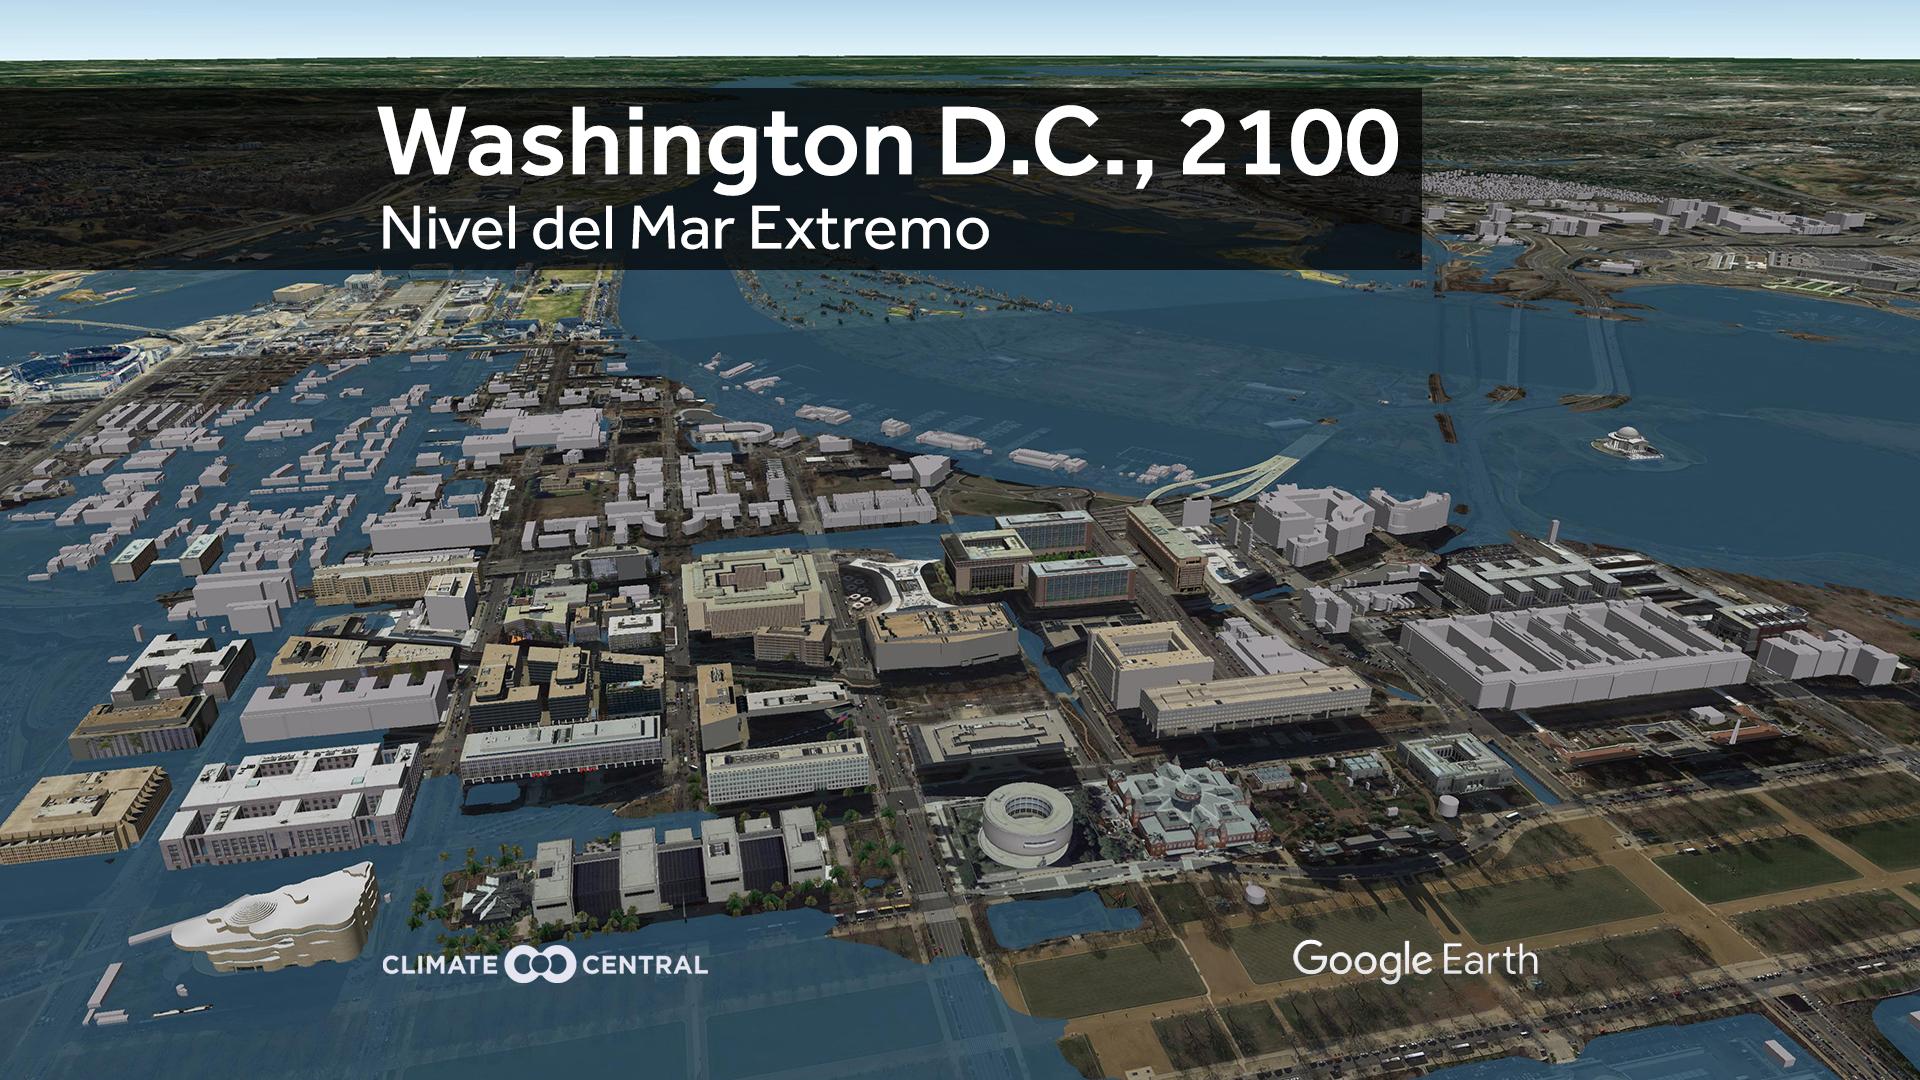 washington DC under water